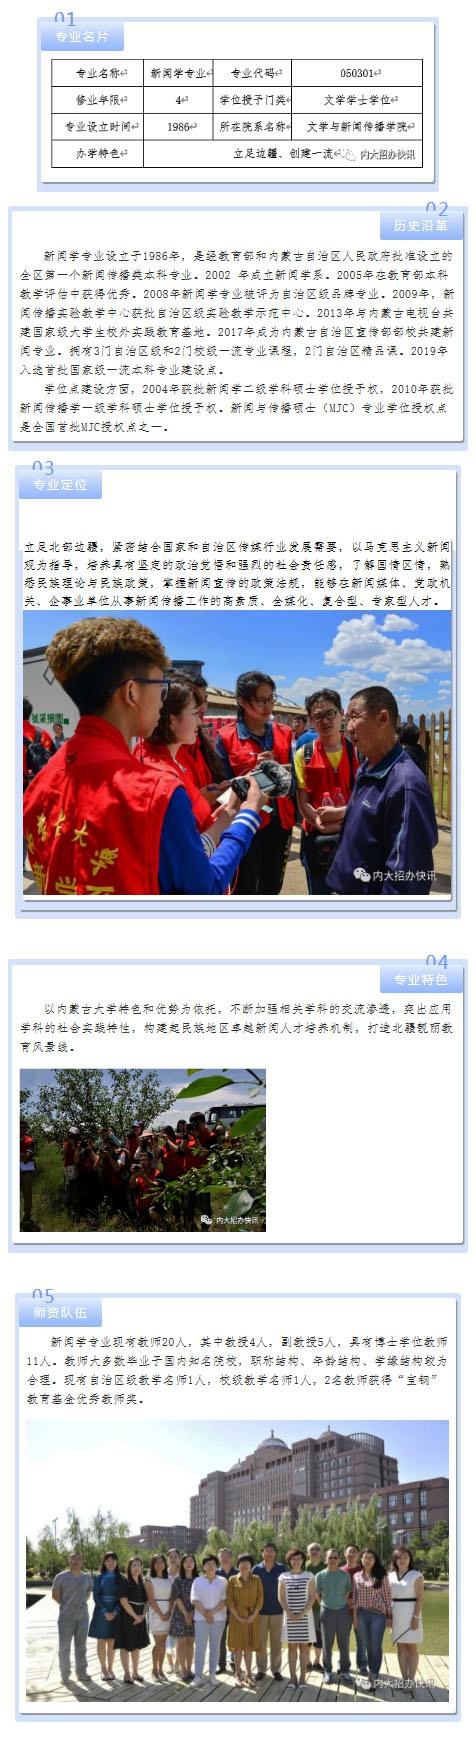 内蒙古大学文学与新闻传播学院